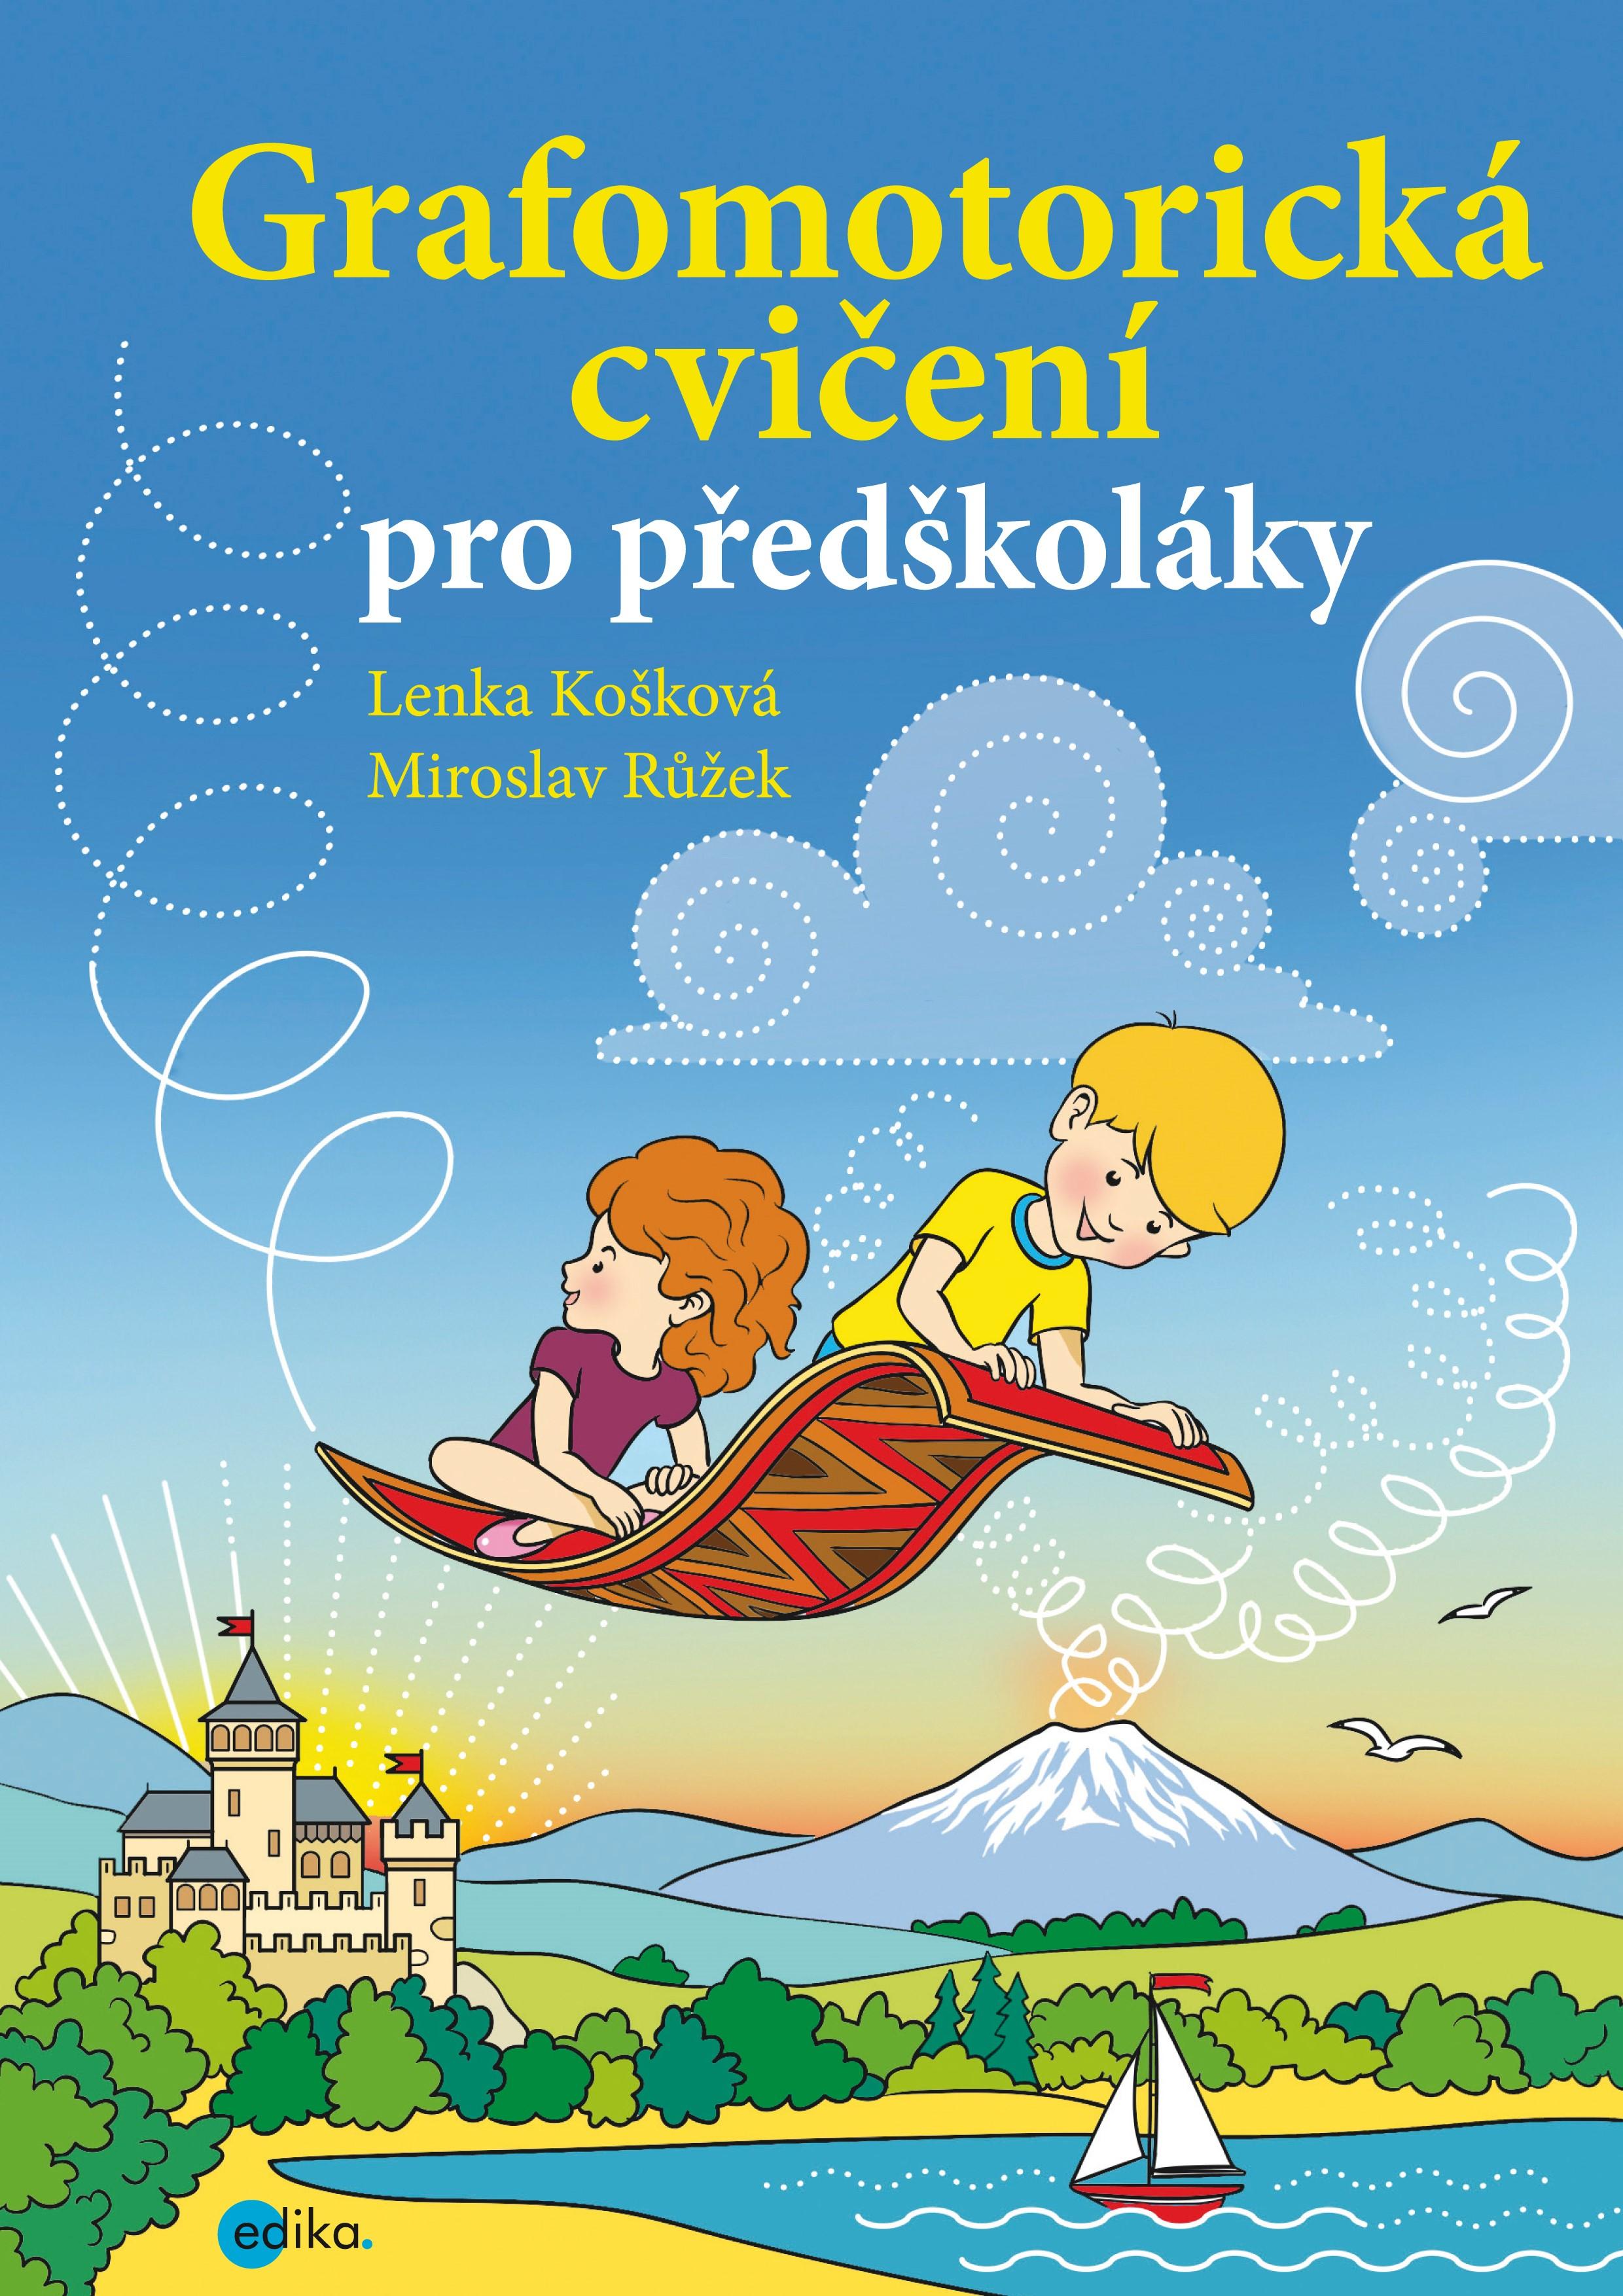 Grafomotorická cvičení pro předškoláky | Růžek Miroslav, Lenka Košková